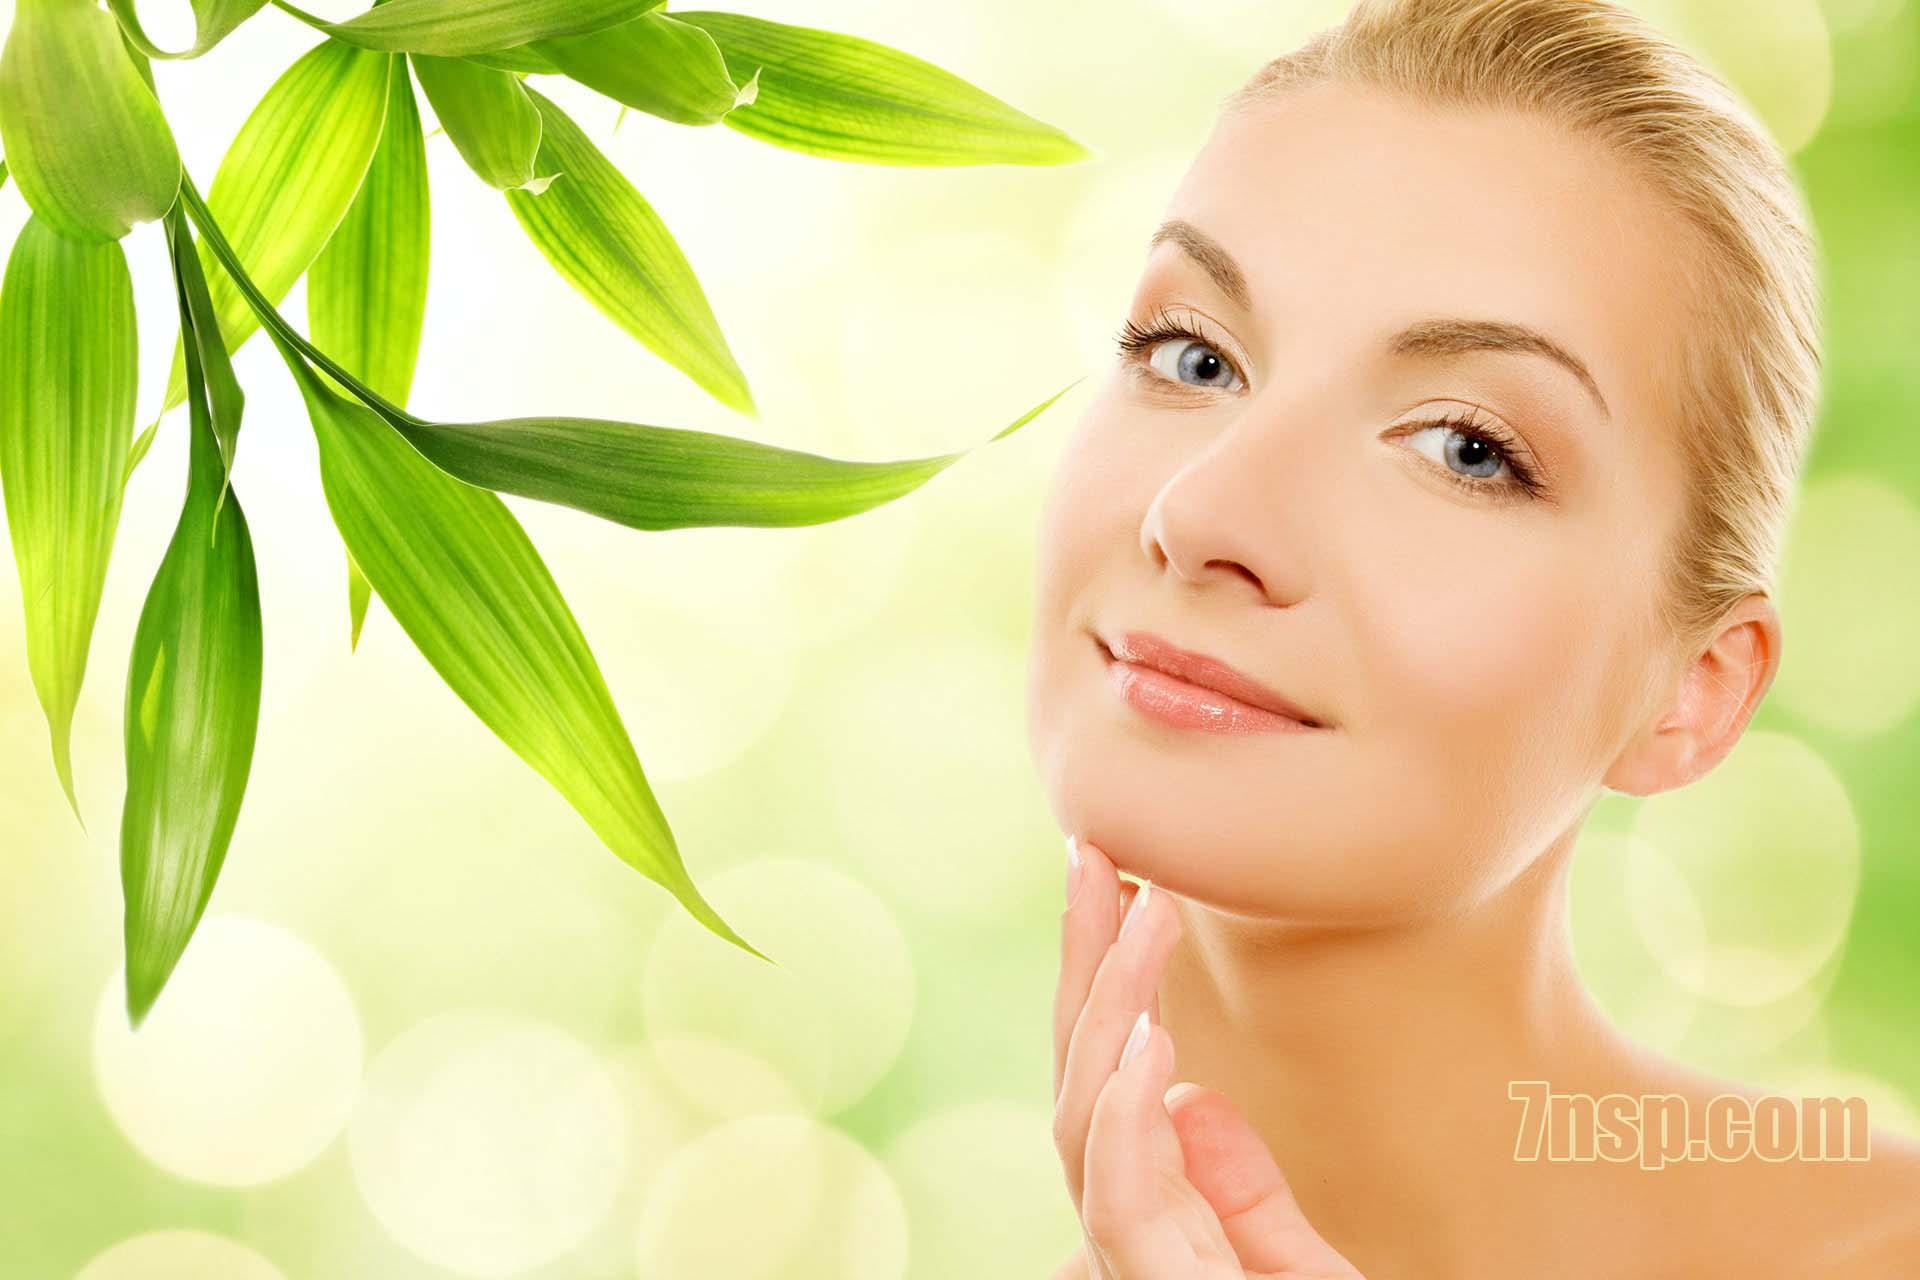 Уход за кожей лица и шеи - натуральная косметика НСП для кожи